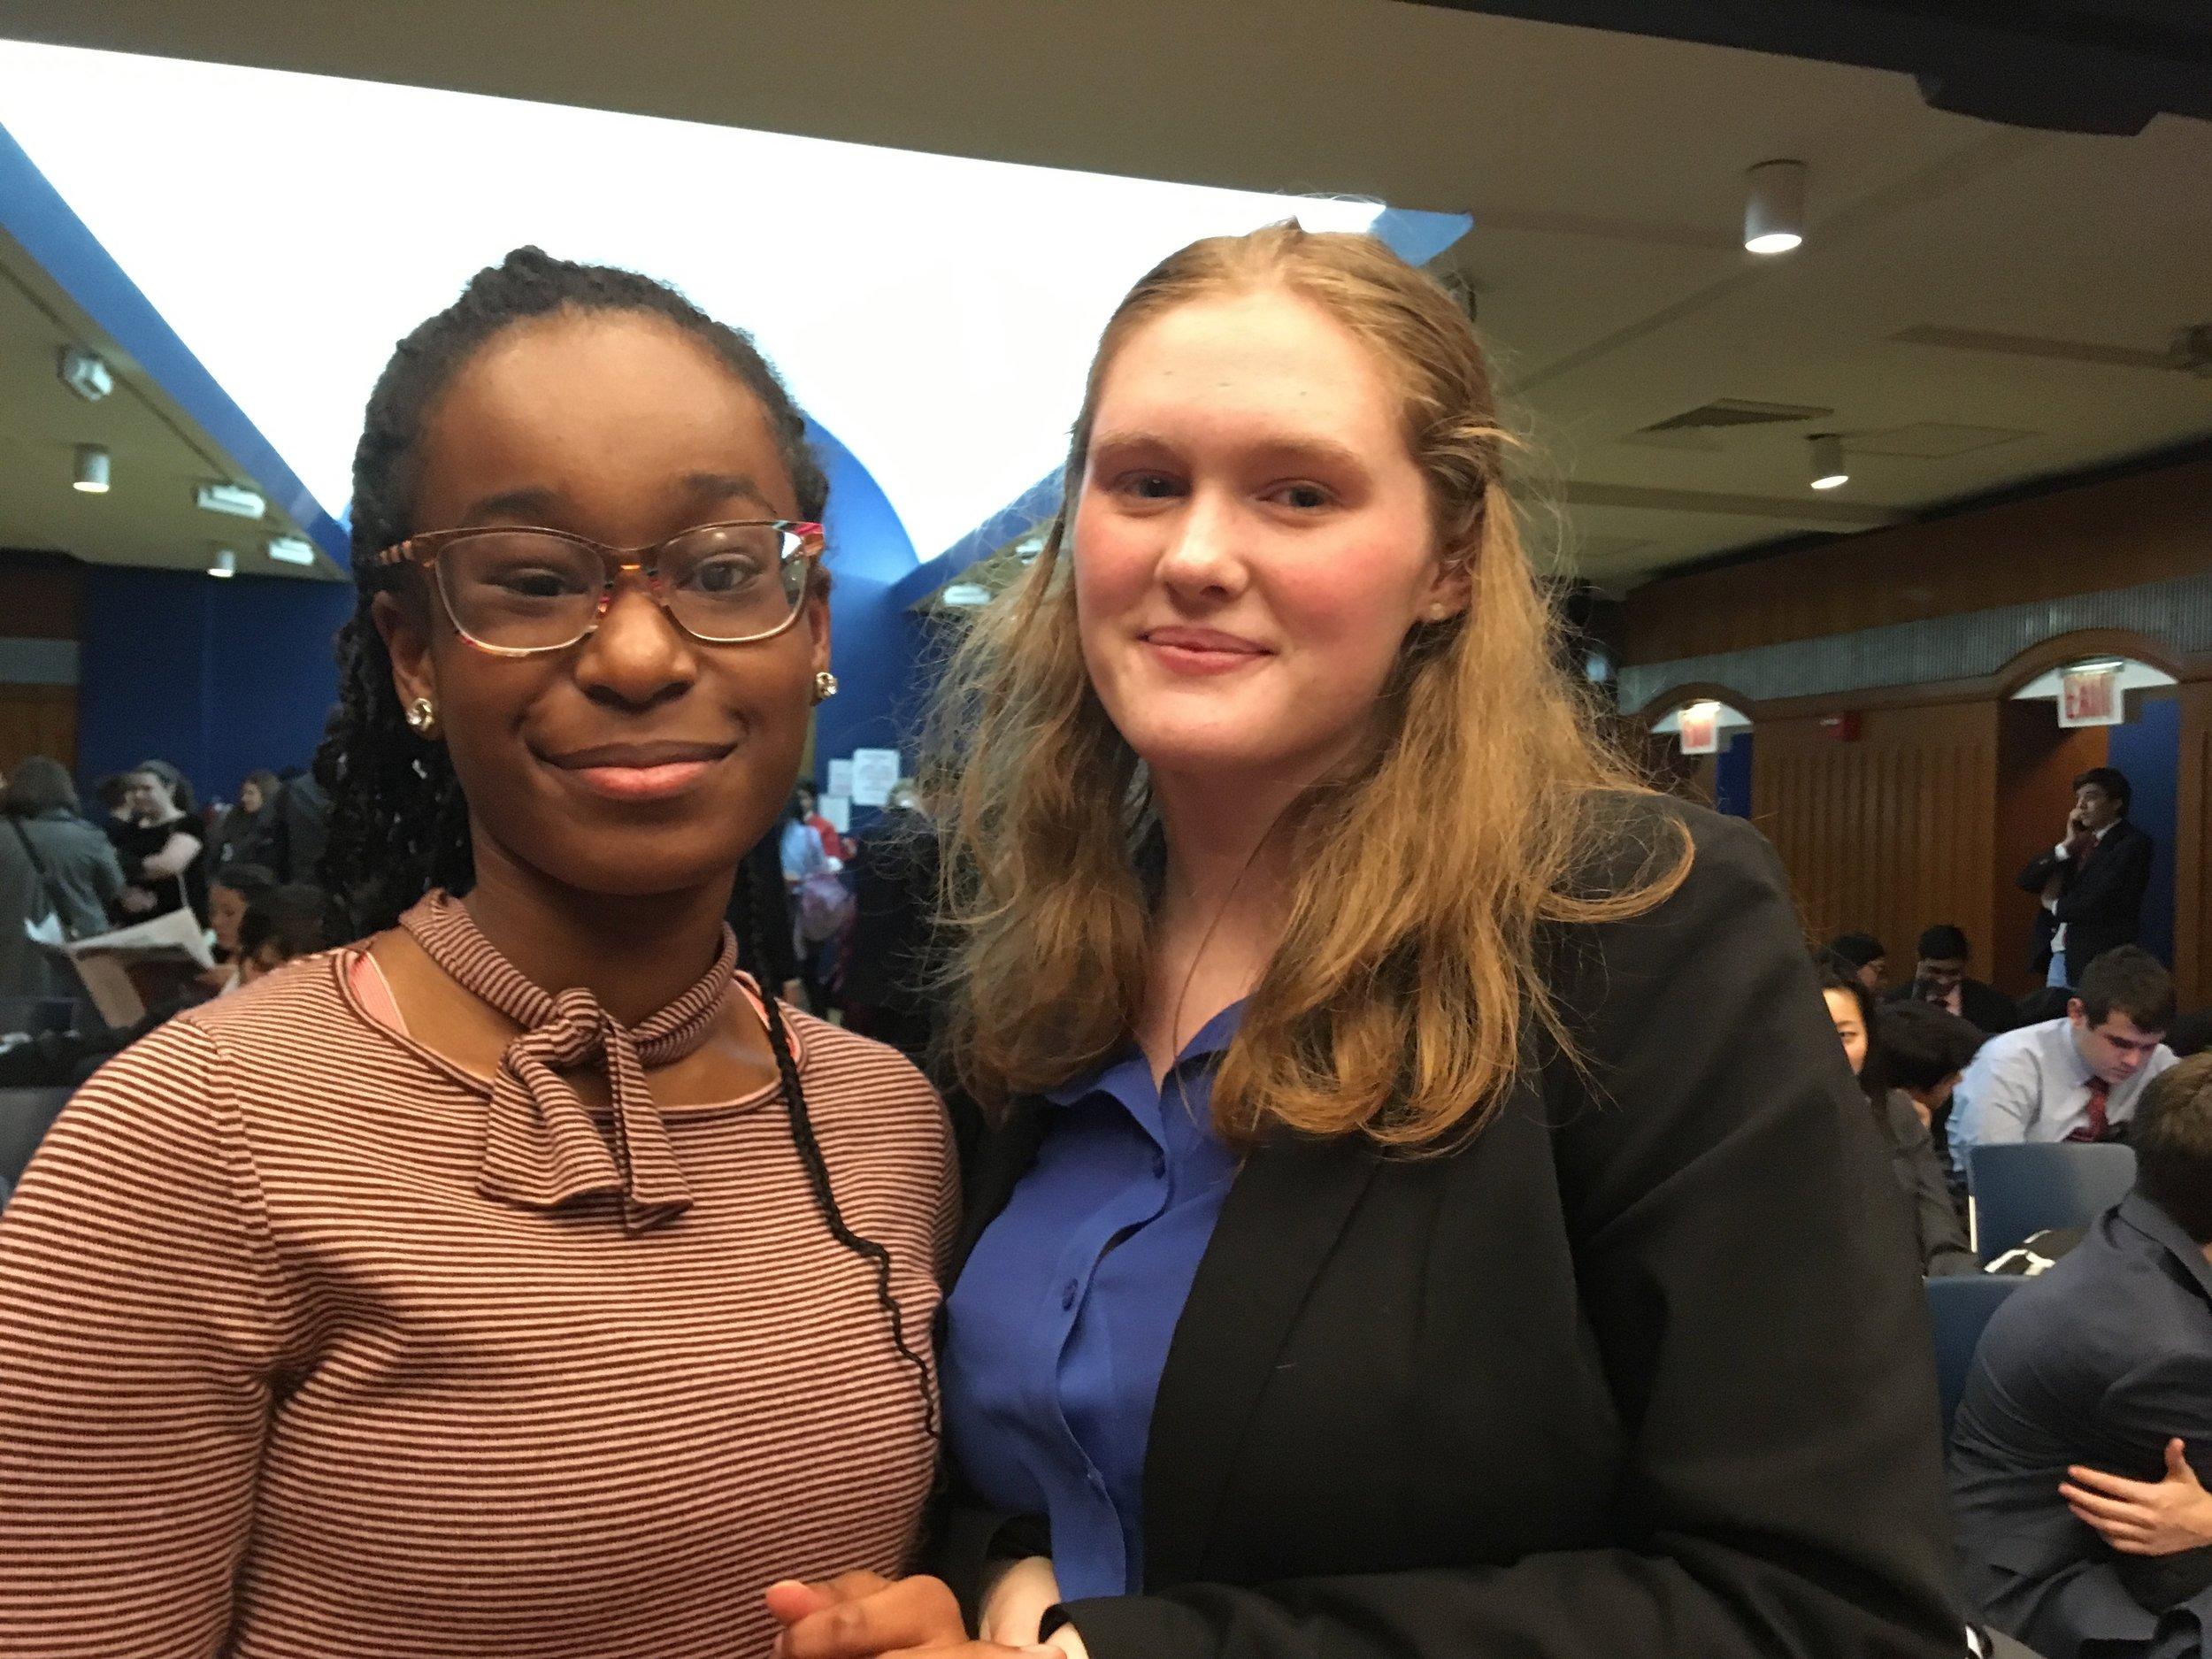 Debate Team Captain Amanda Muscente and Team Member Makayla Josiah.jpeg